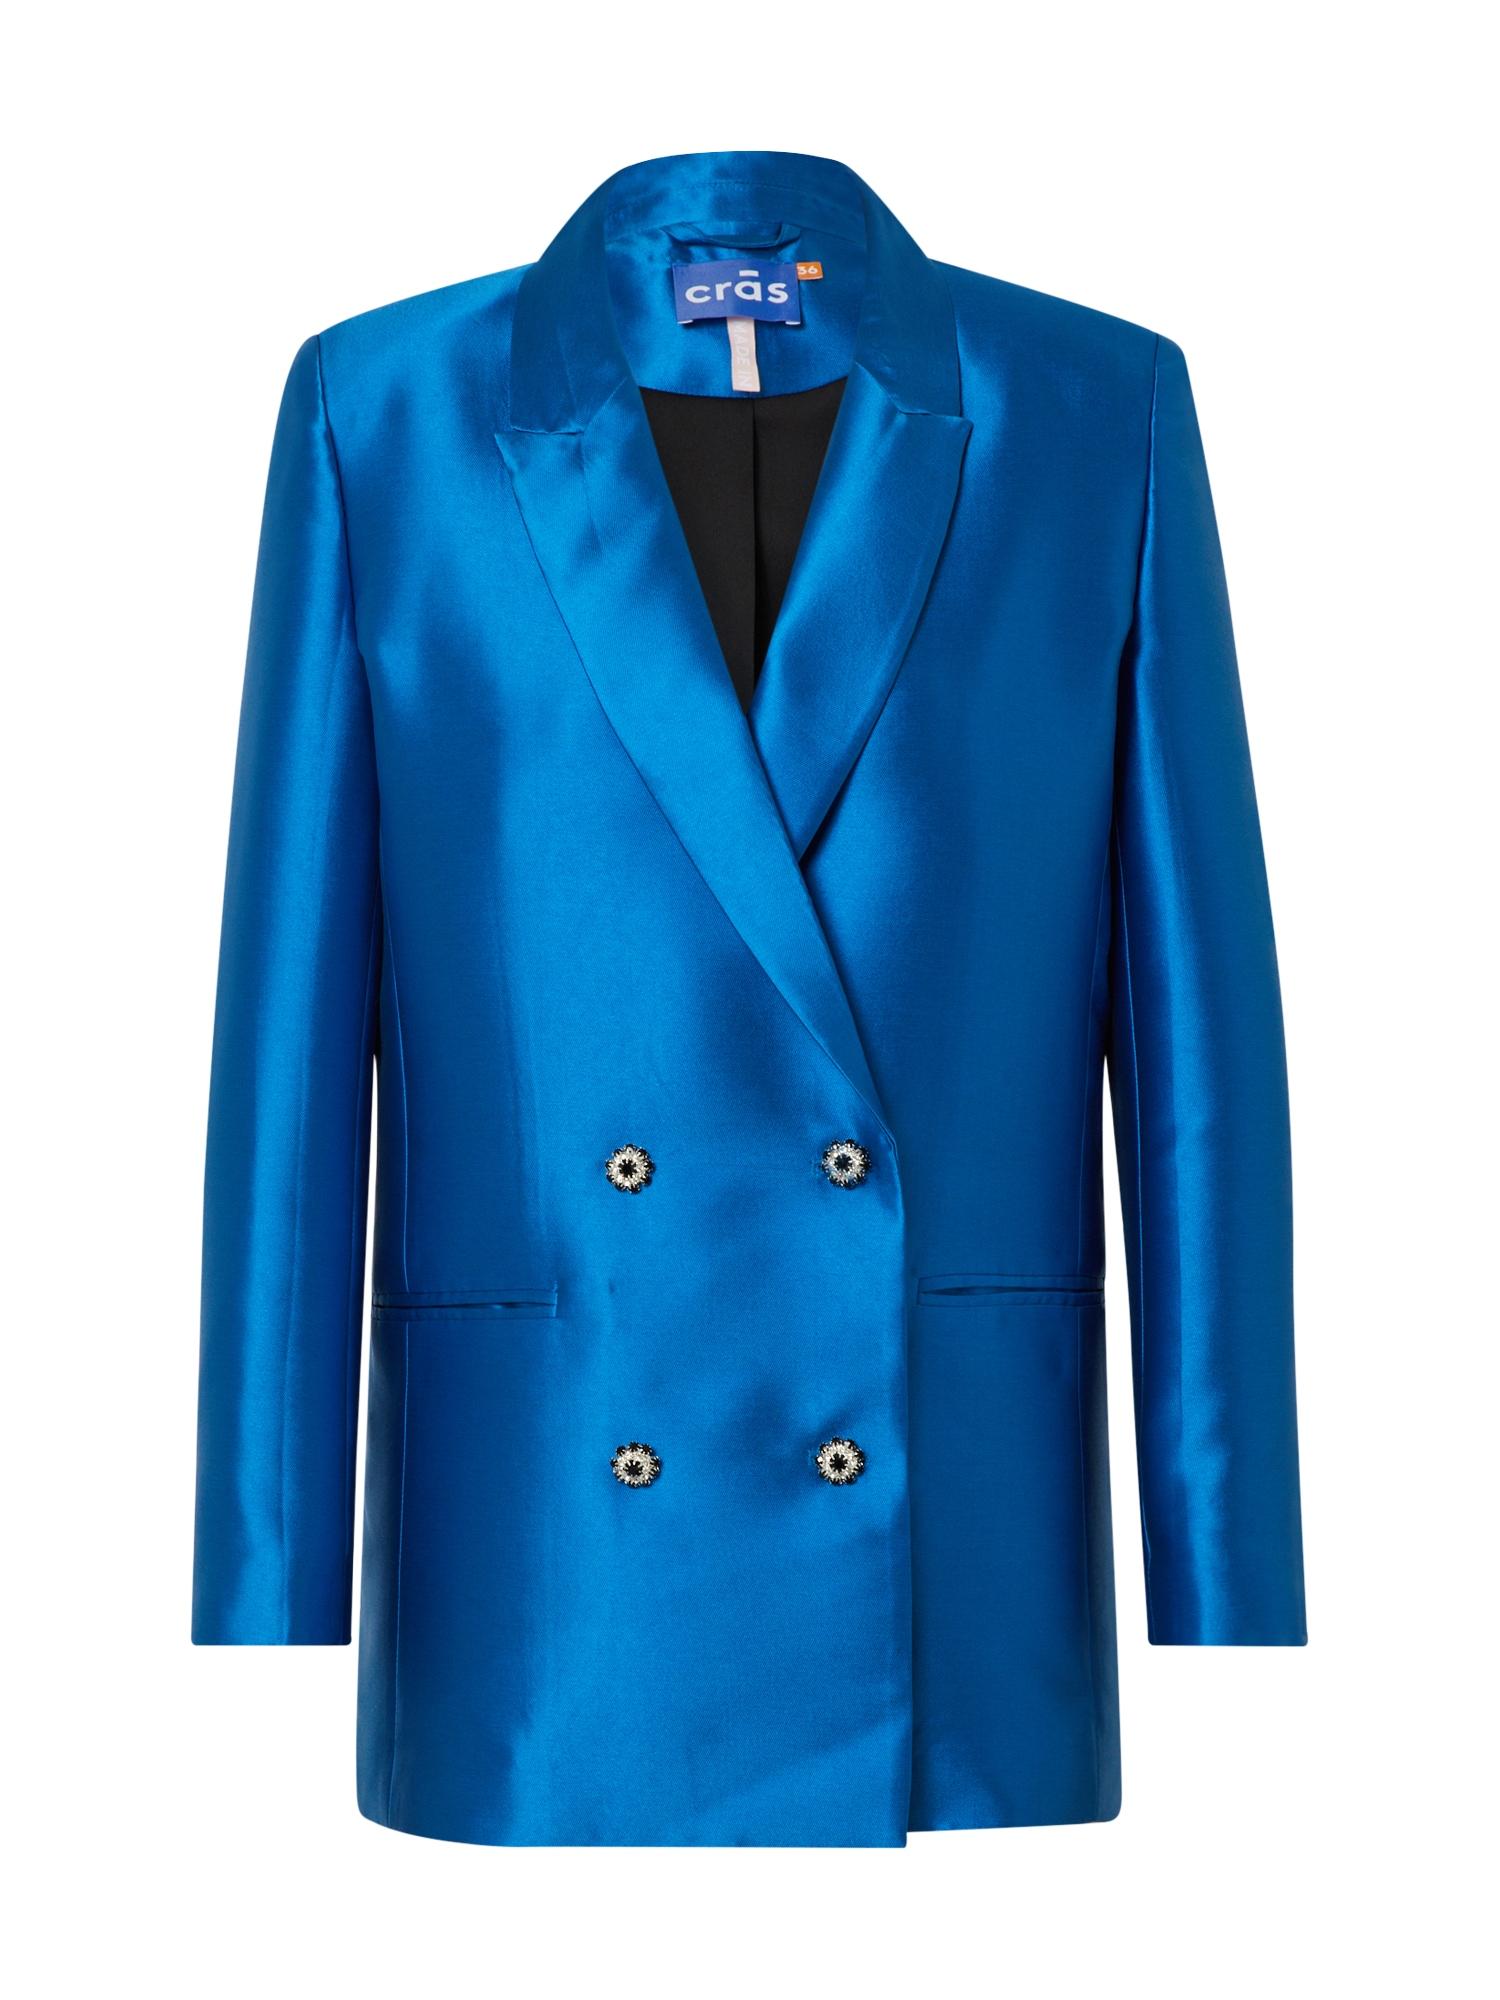 Crās Blazer švarkas 'Richmondcras' mėlyna